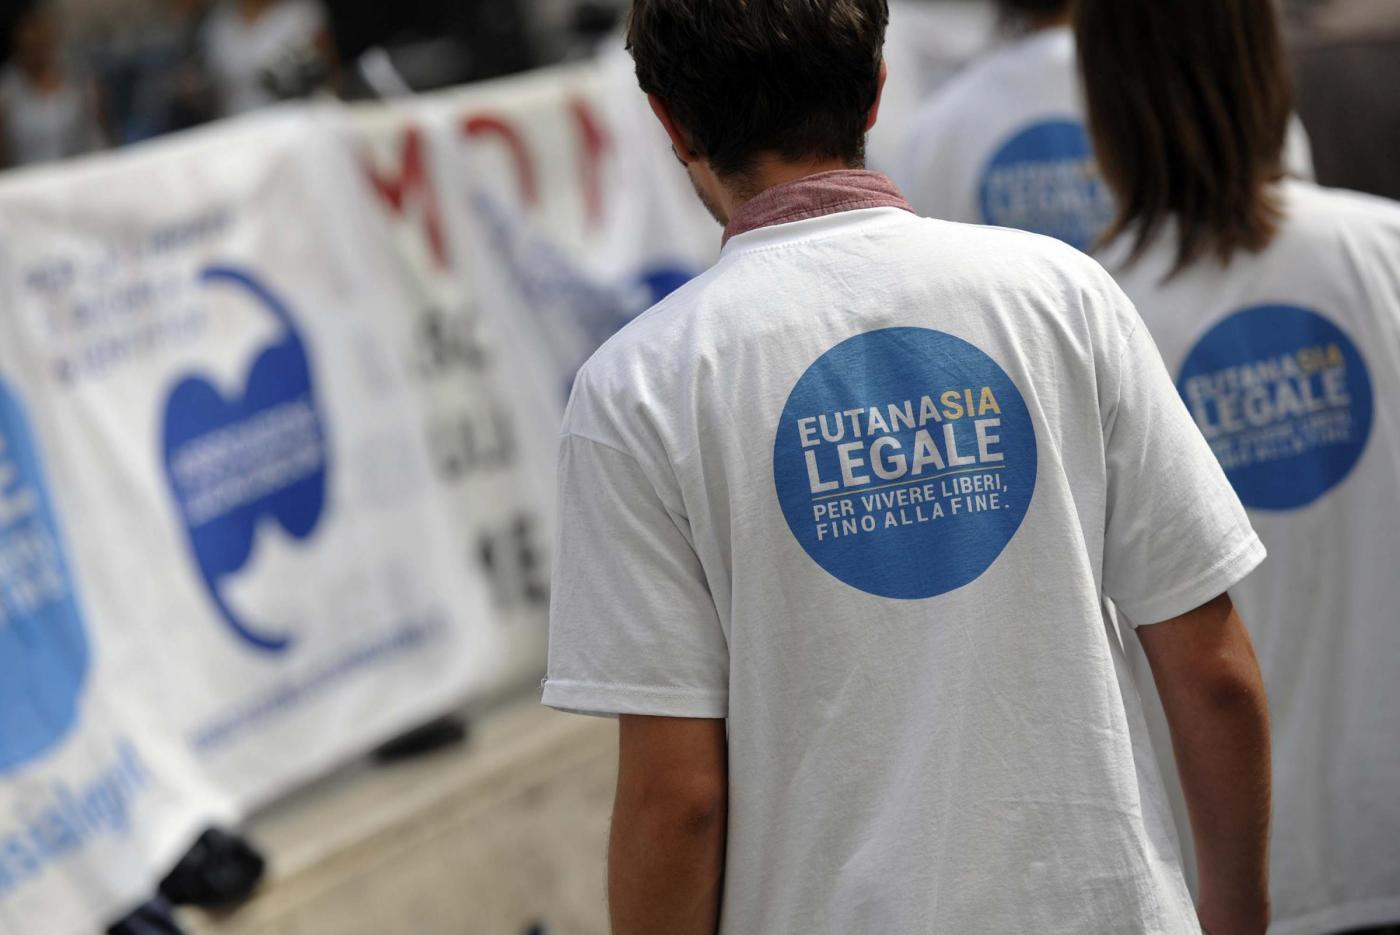 Eutanasia: in Italia è legale solo soffrire fino a perdere la dignità